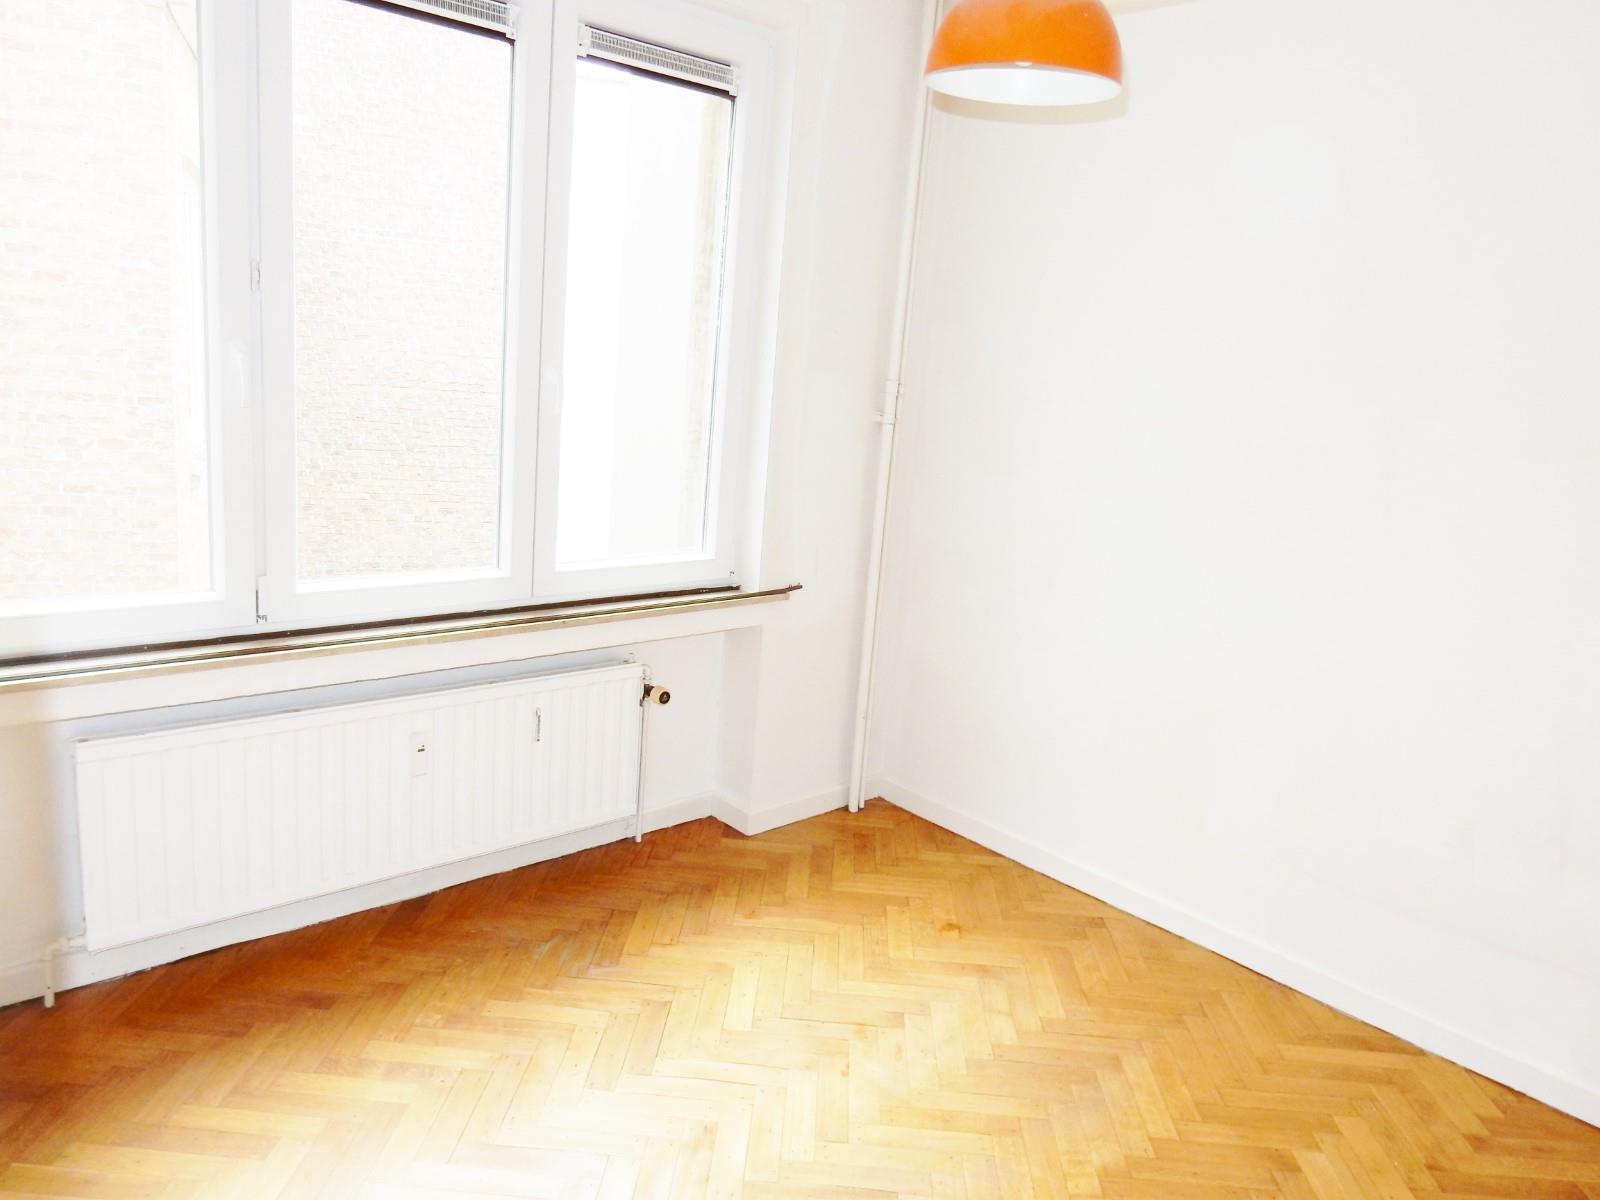 Flat - Ixelles - #3332506-5